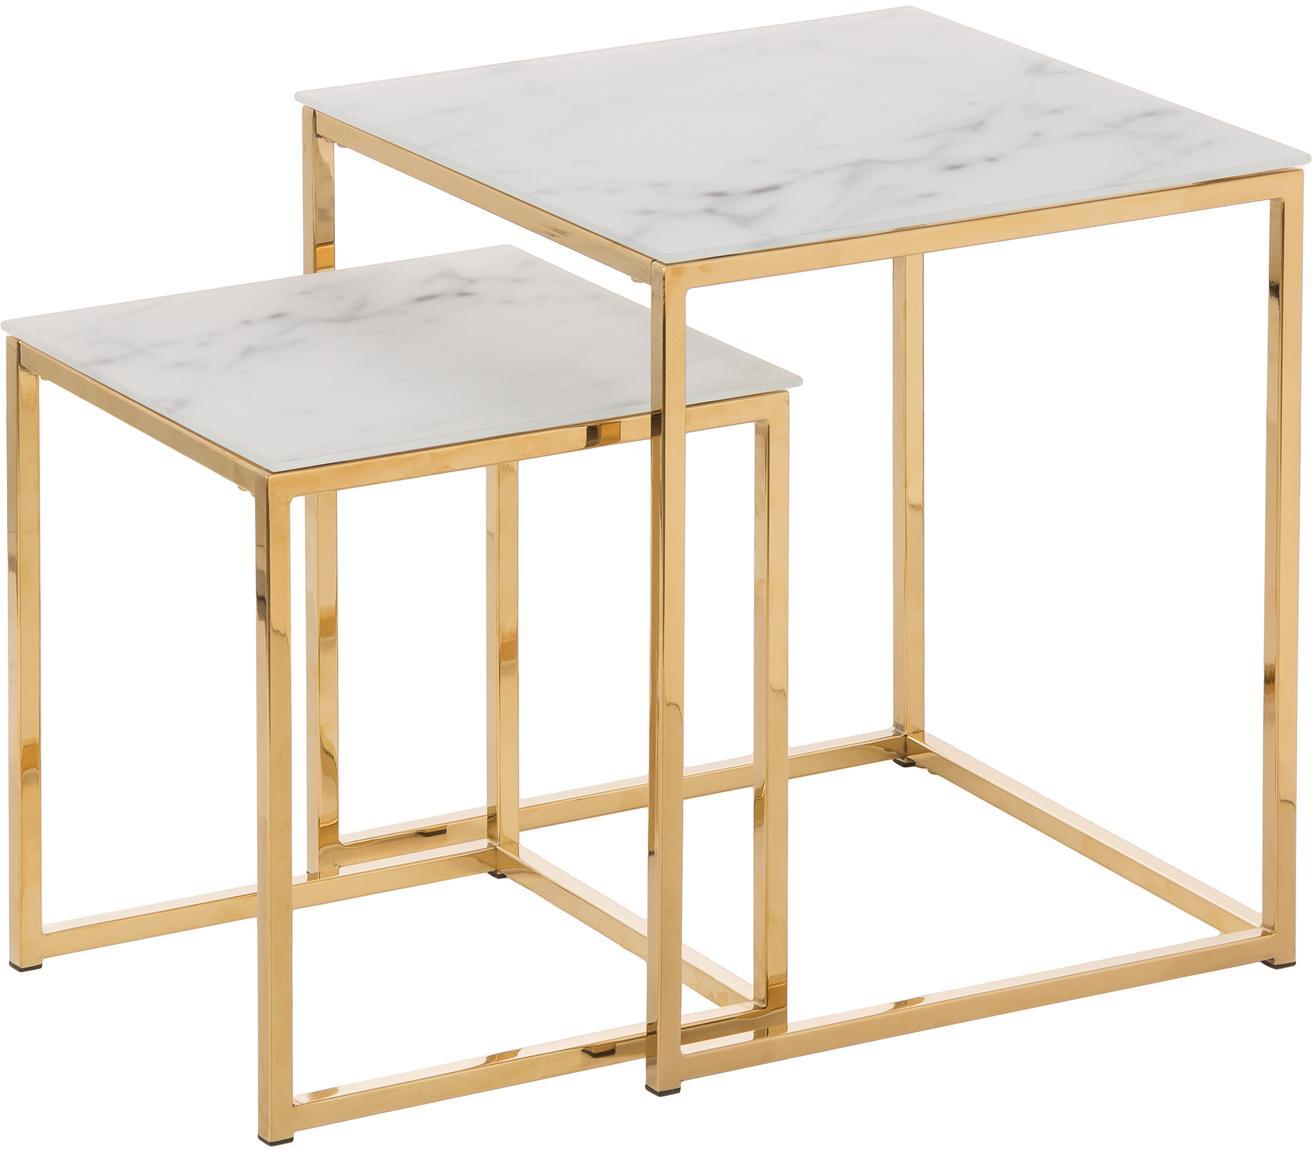 Set de mesas auxiliares Aruba, 2pzas., tablero de cristal en aspecto mármol, Tablero: vidrio estampado en efect, Estructura: metal recubierto, Mármol blanco mate, dorado, Tamaños diferentes